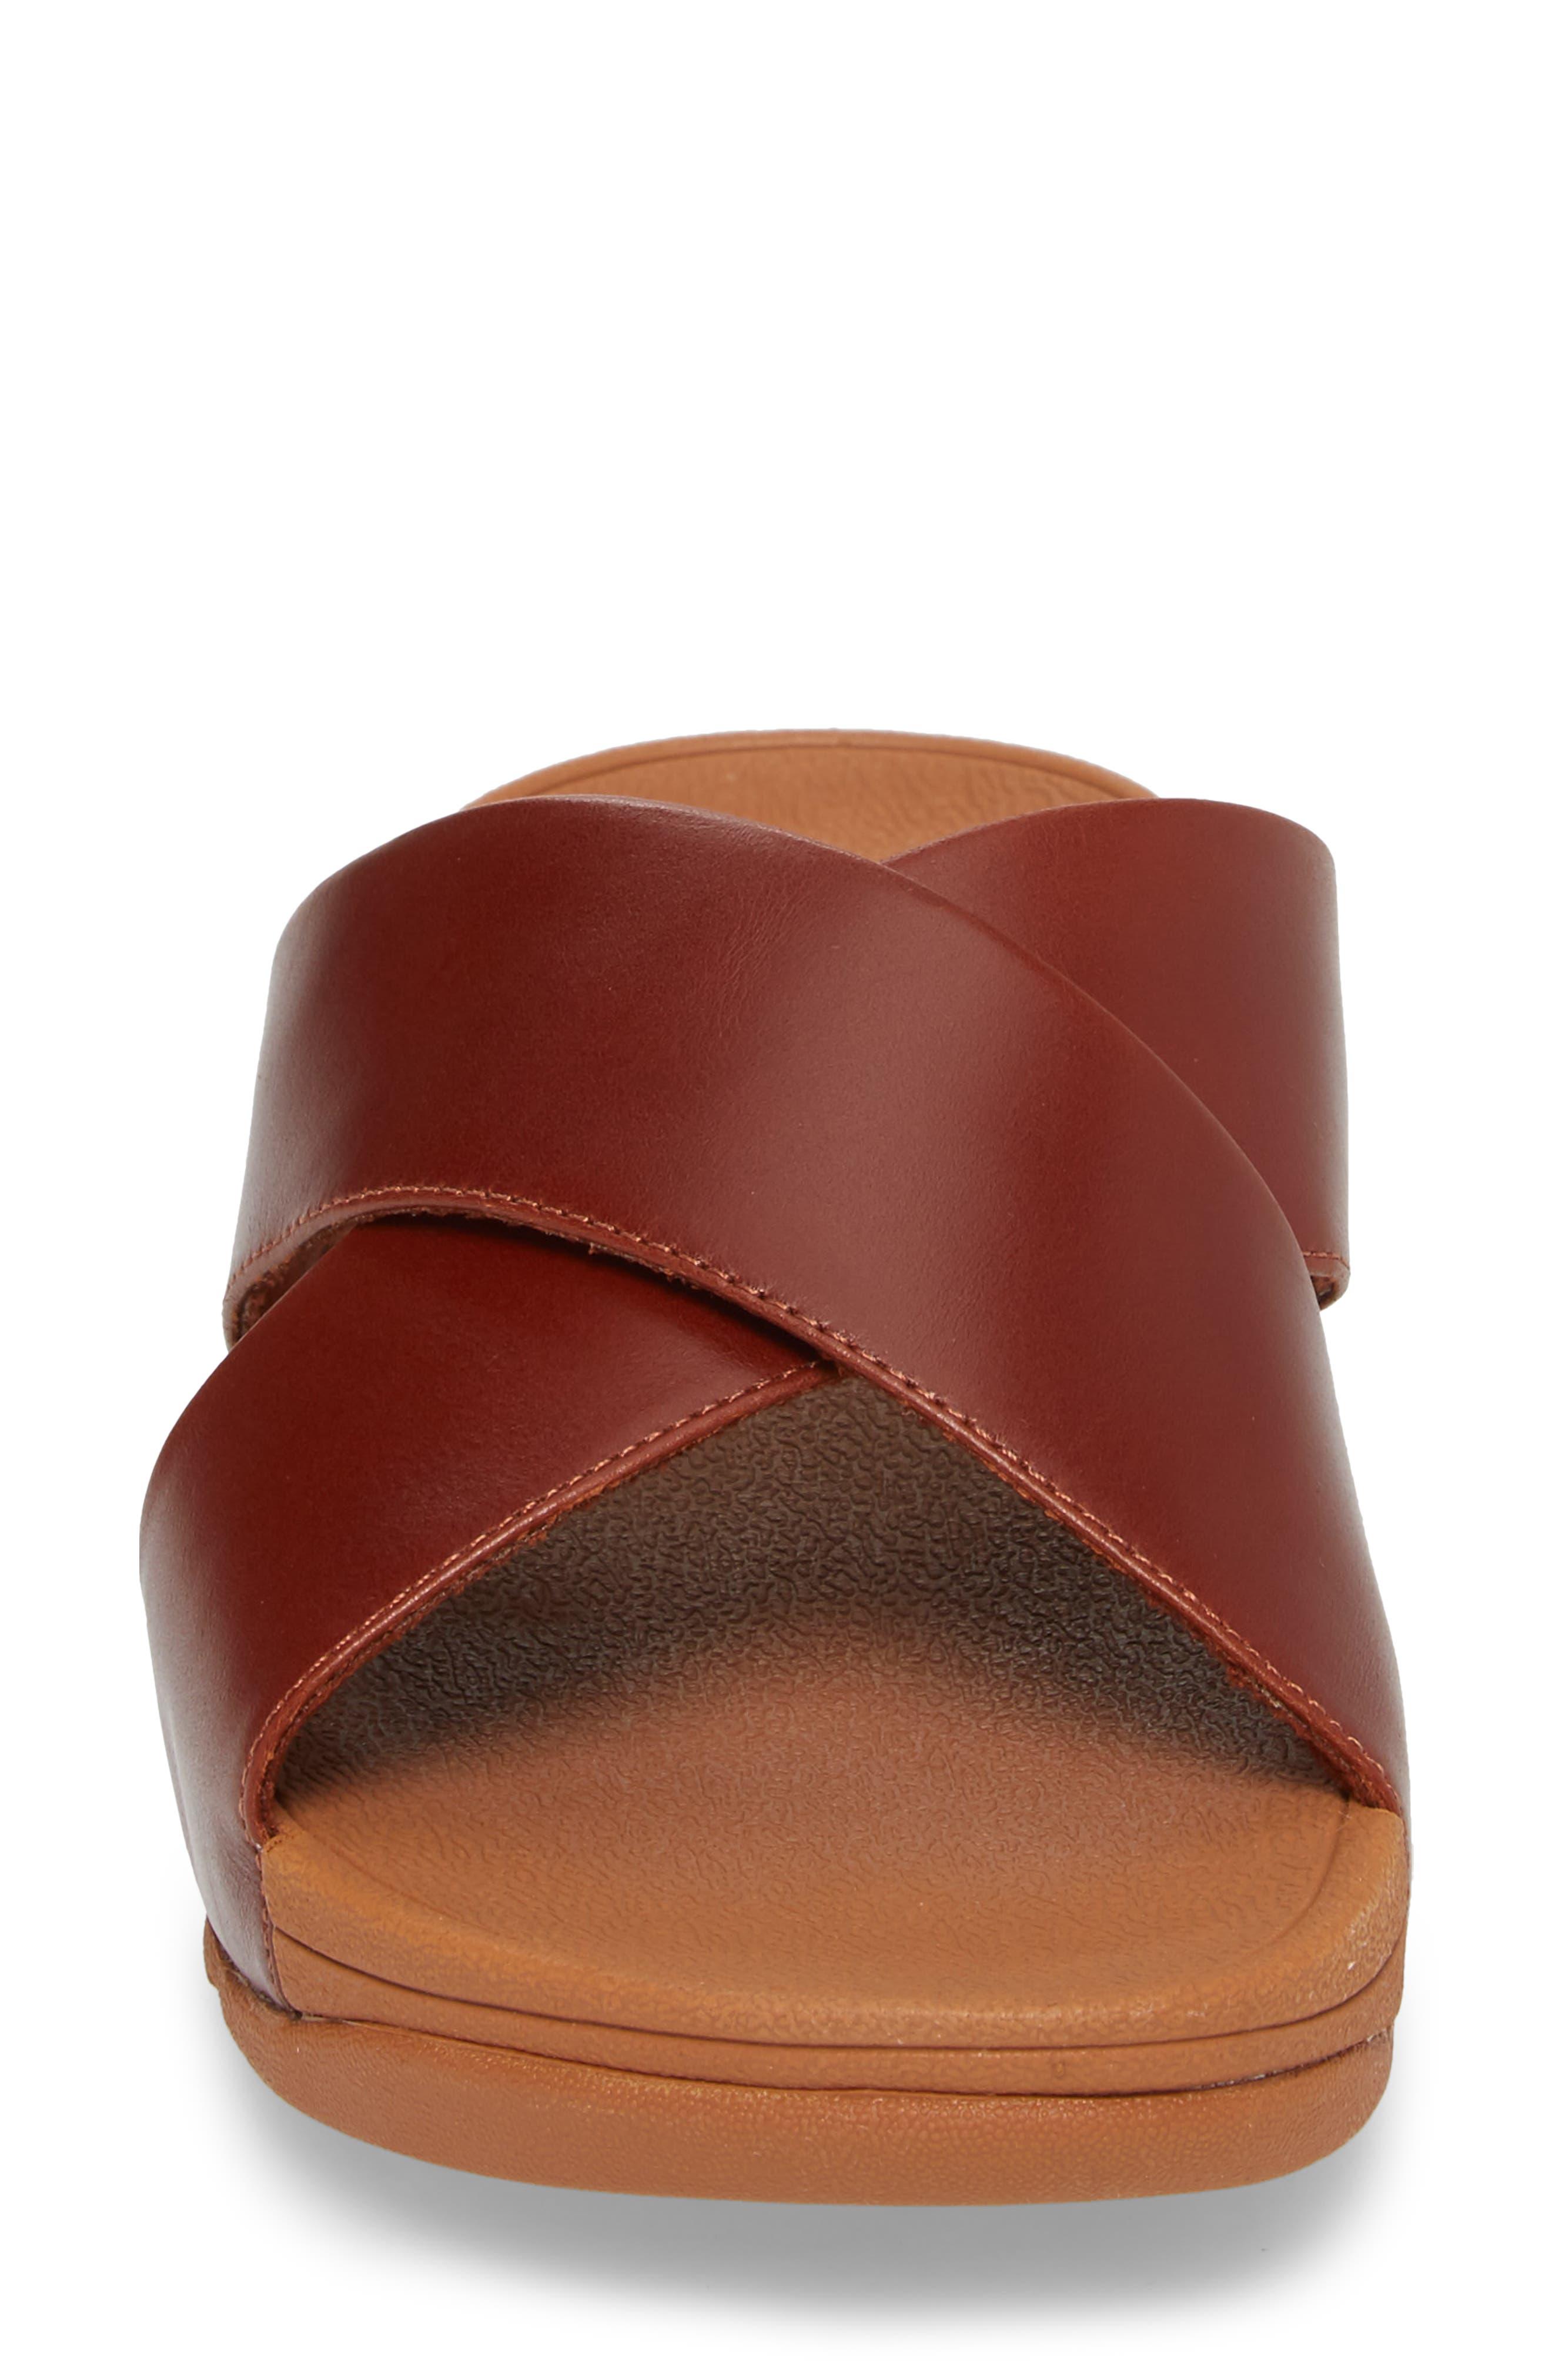 Lulu Cross Slide Sandal,                             Alternate thumbnail 4, color,                             Cognac